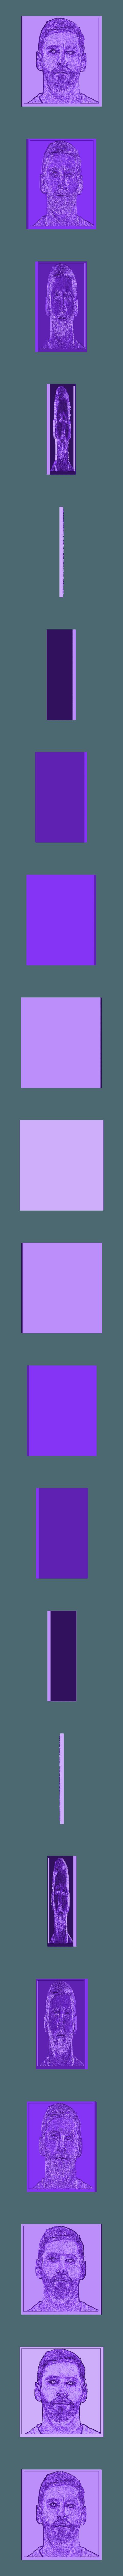 5cefc521 b5d3 4e2e a443 92612581f464